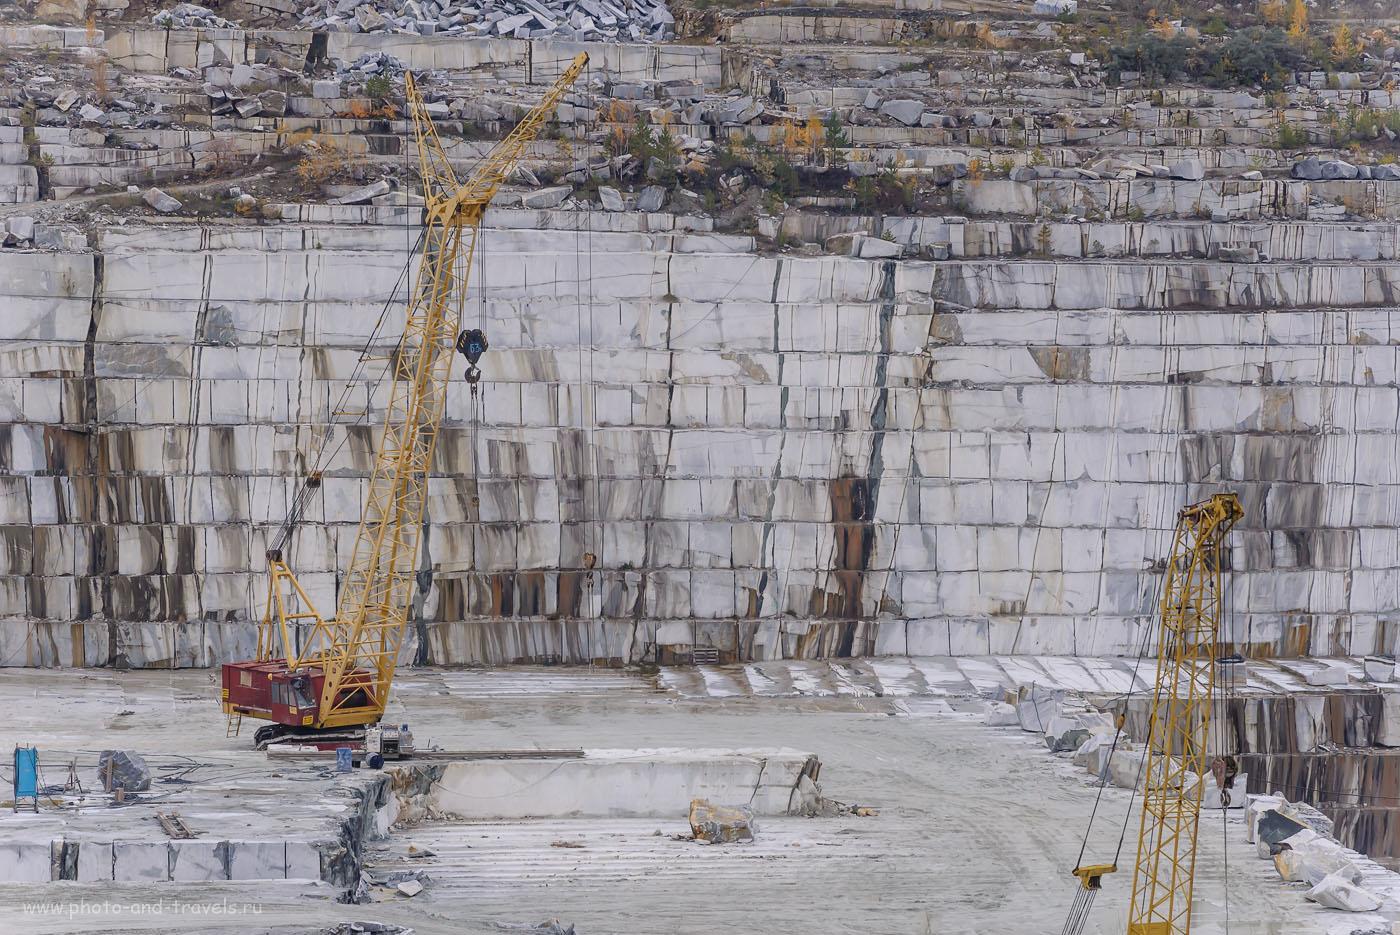 Фотография 21. Наверное, половина Петербурга построена с использованием мрамора из Мраморского карьера. 1/320, +0.67, 8.0, 800, 185.